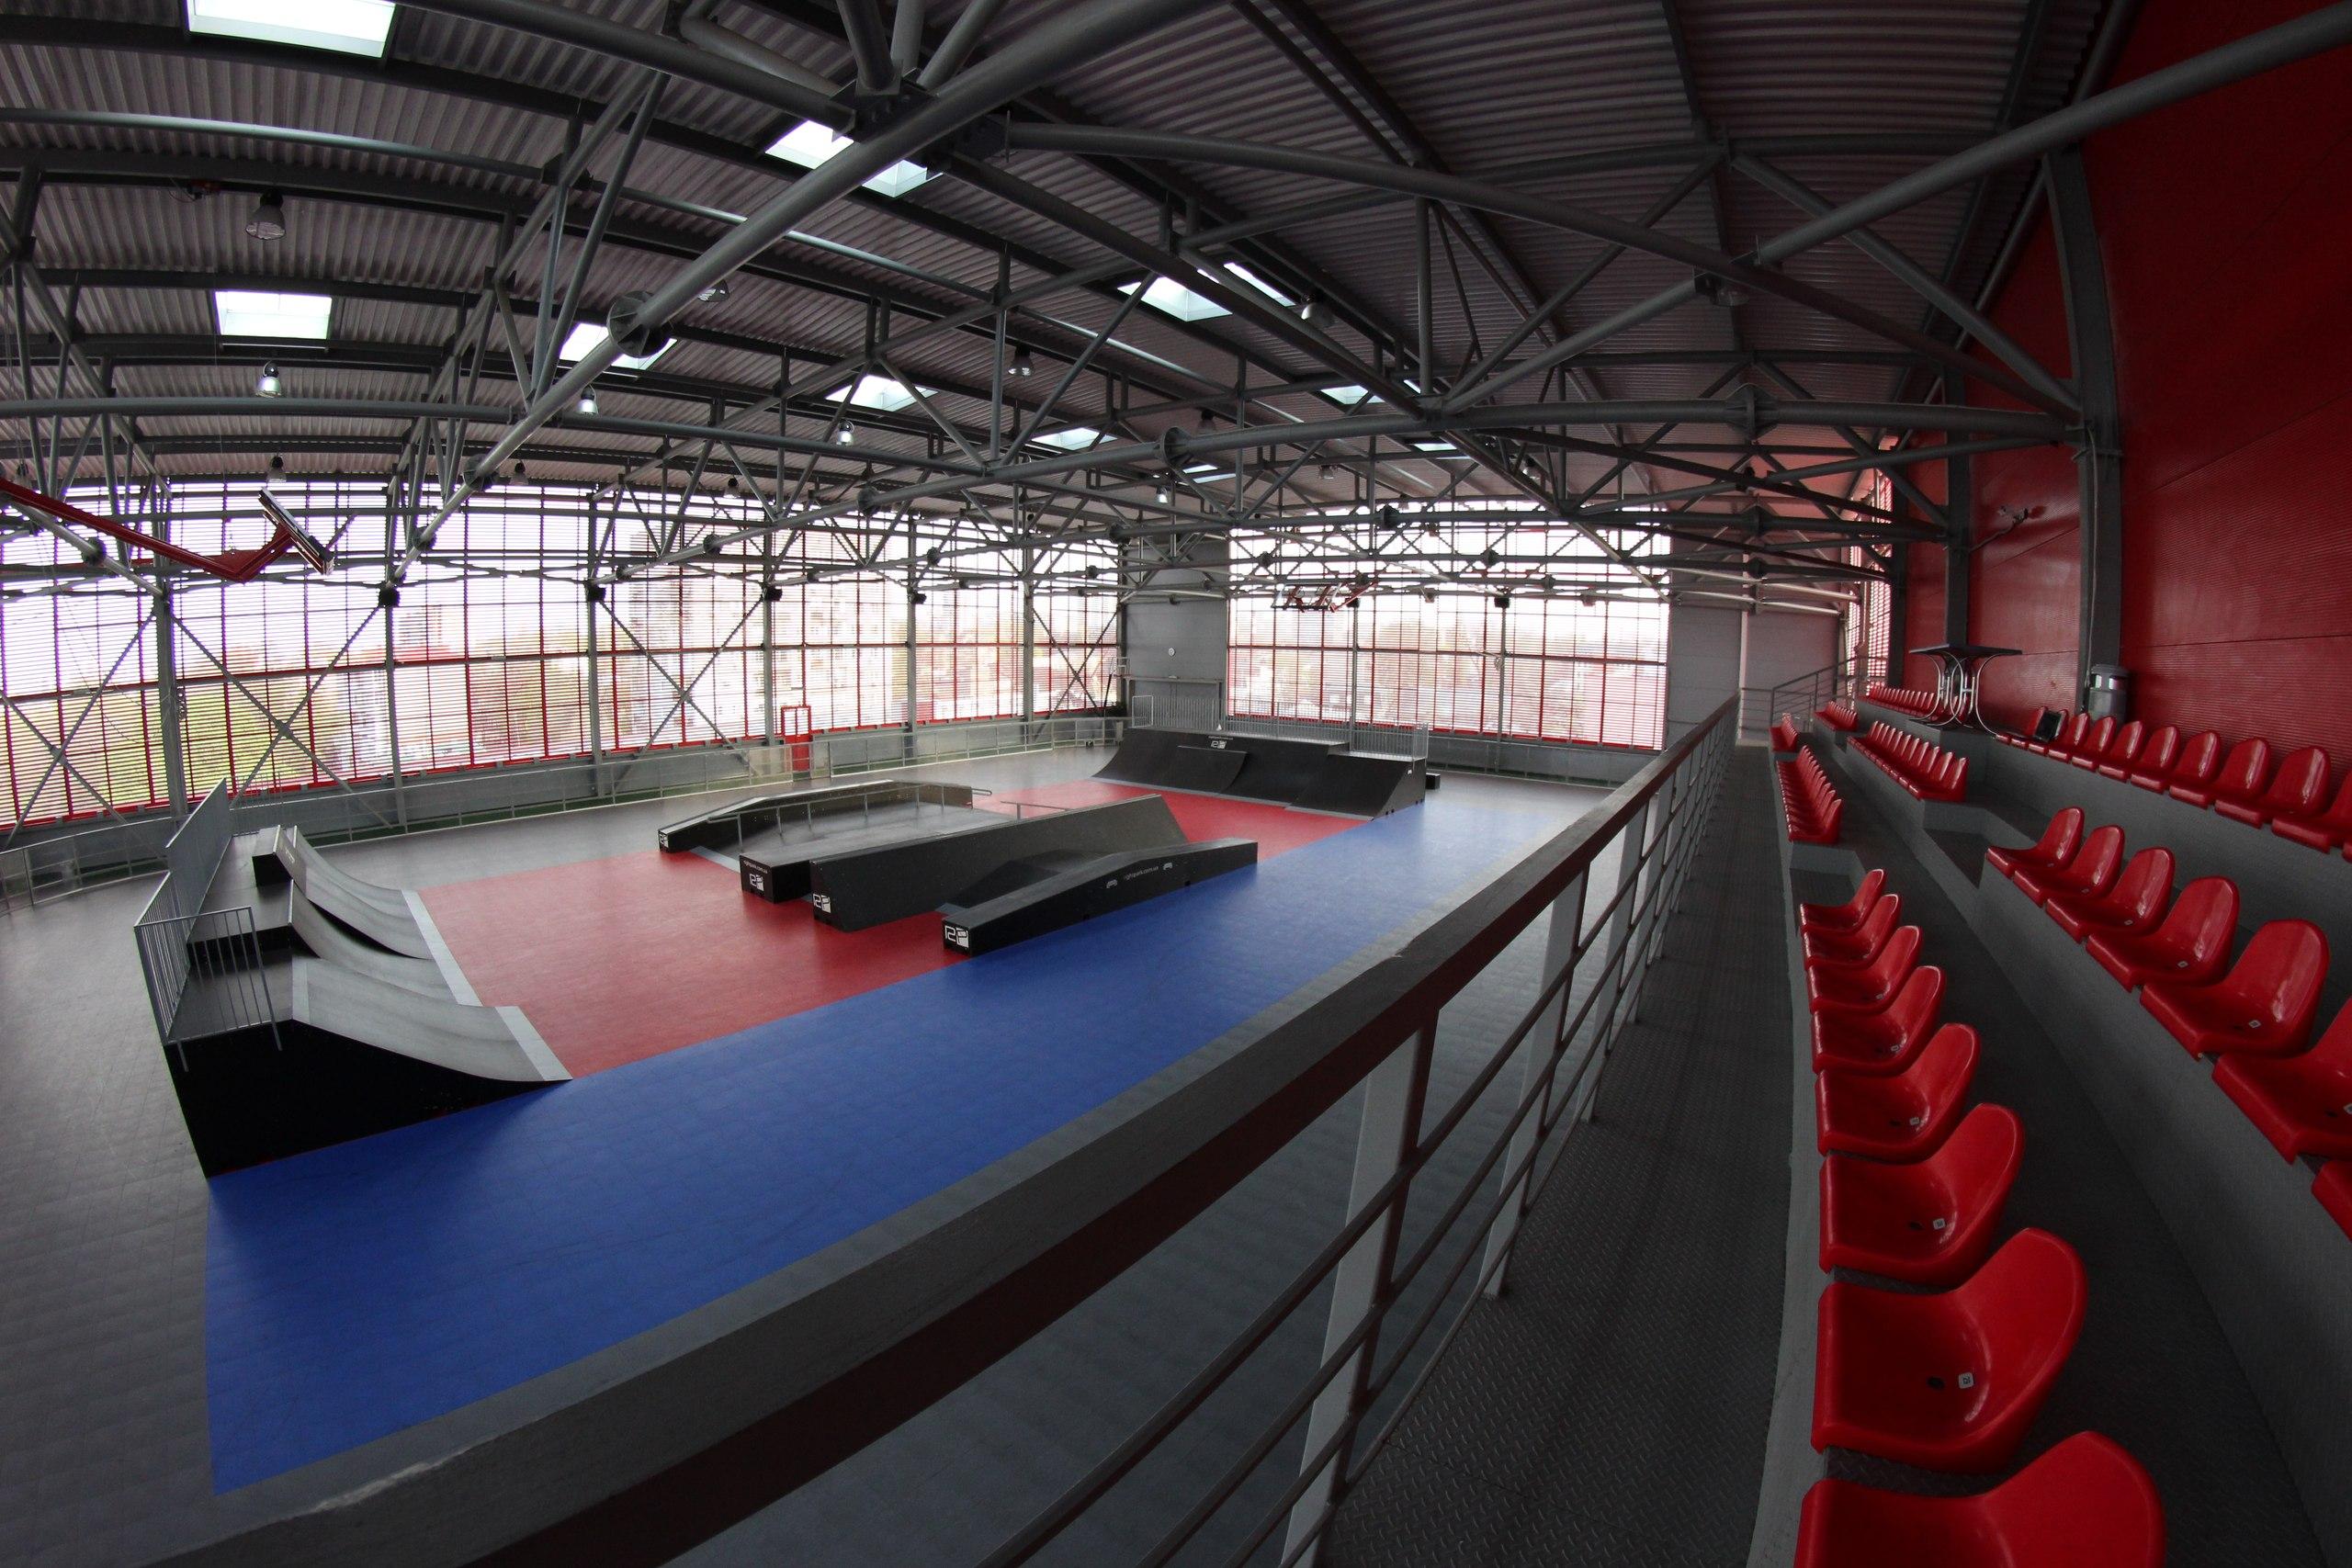 Скейтпарк на крыше ТЦ Приозерный Днепропетровск 2013